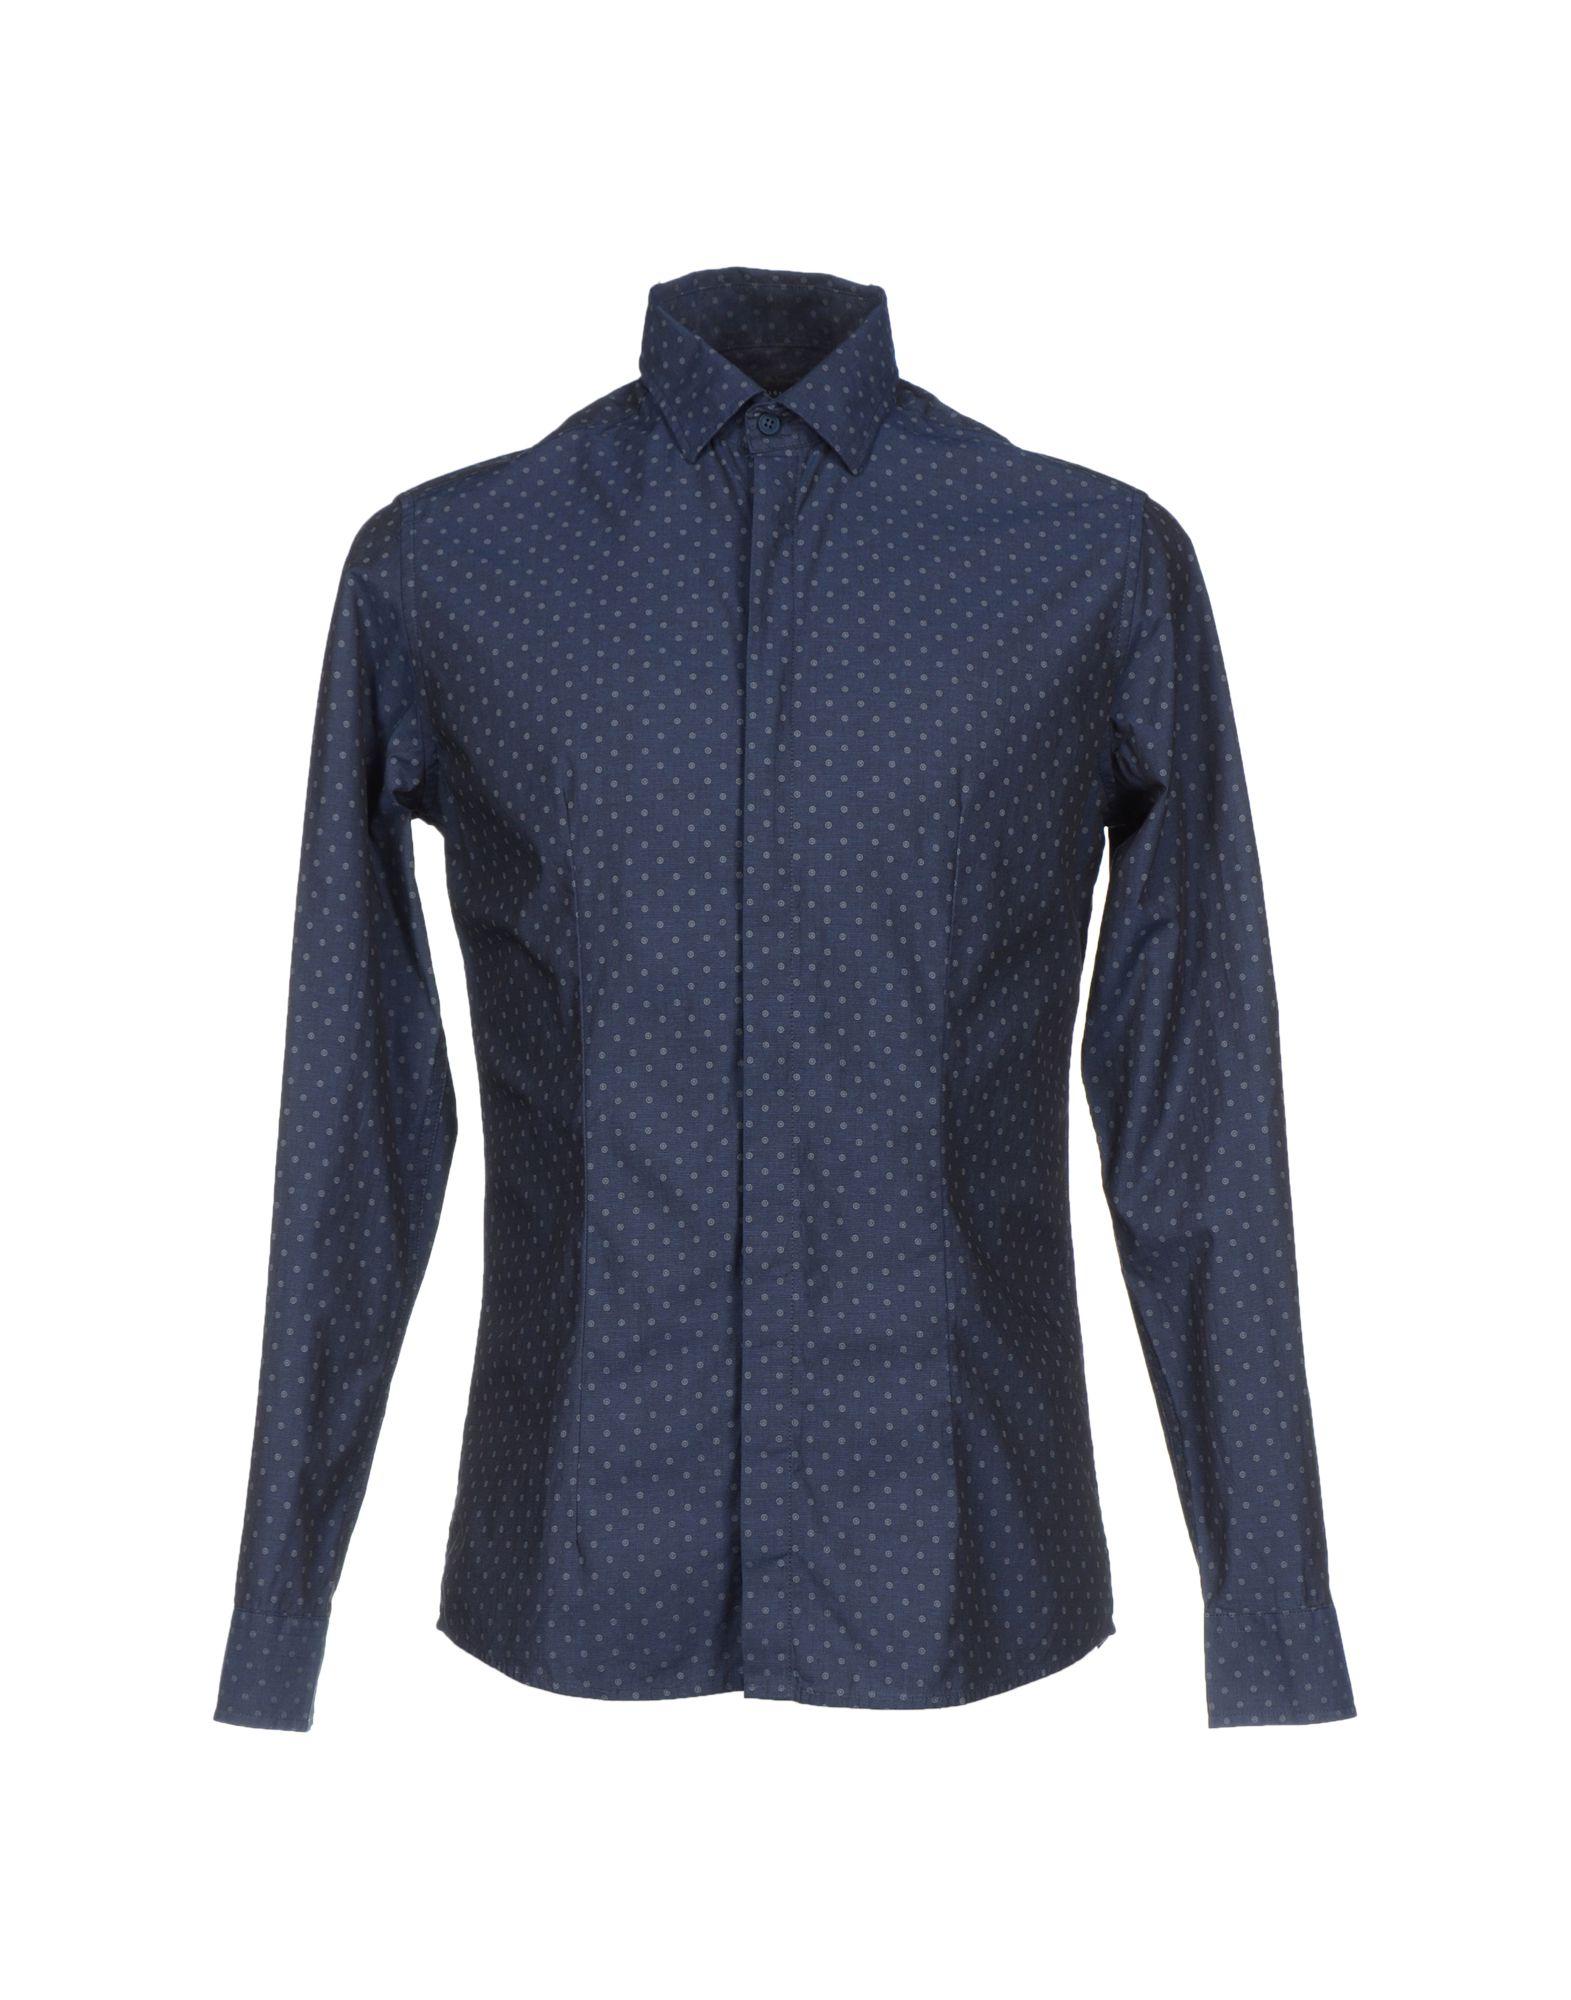 DANIELE ALESSANDRINI for JACK & JONES PREMIUM Pубашка цена